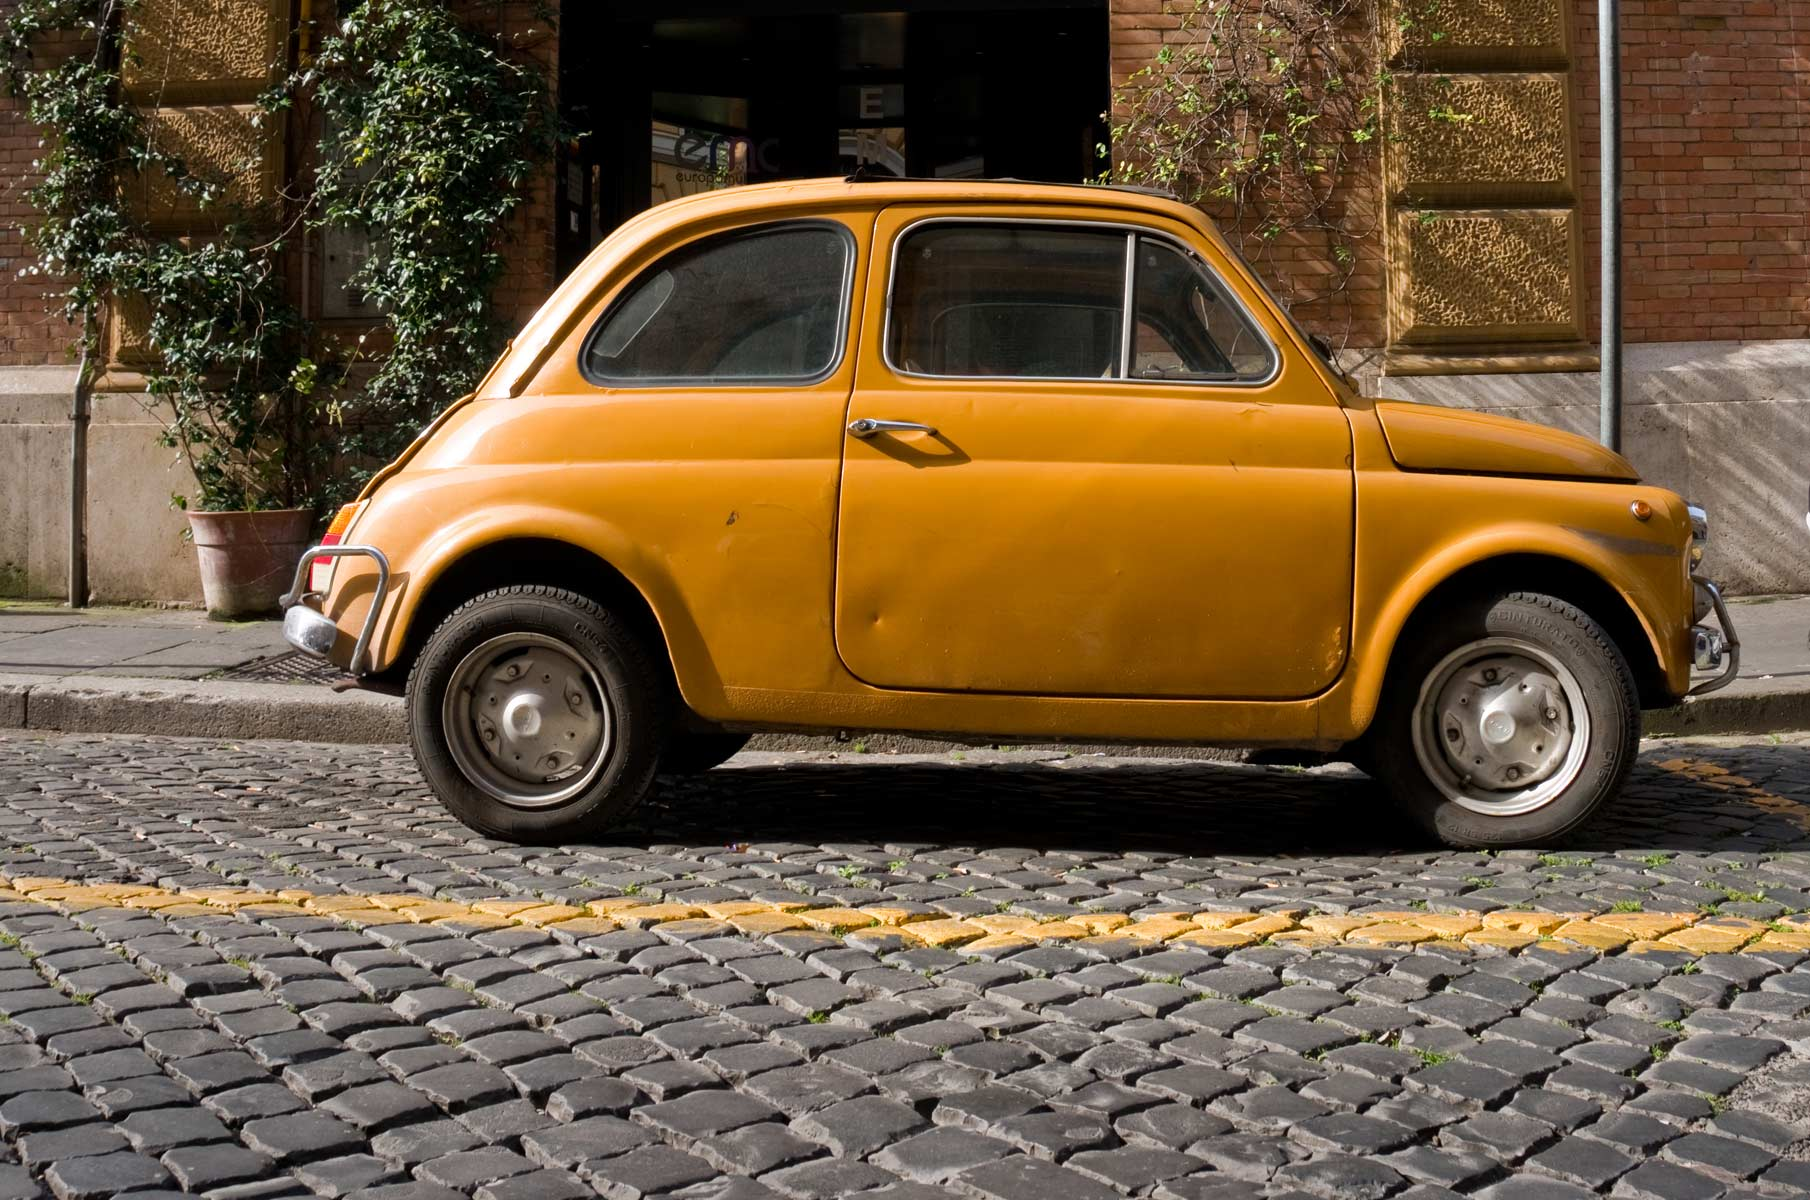 Gelber Fiat 500 in Rom, Italien